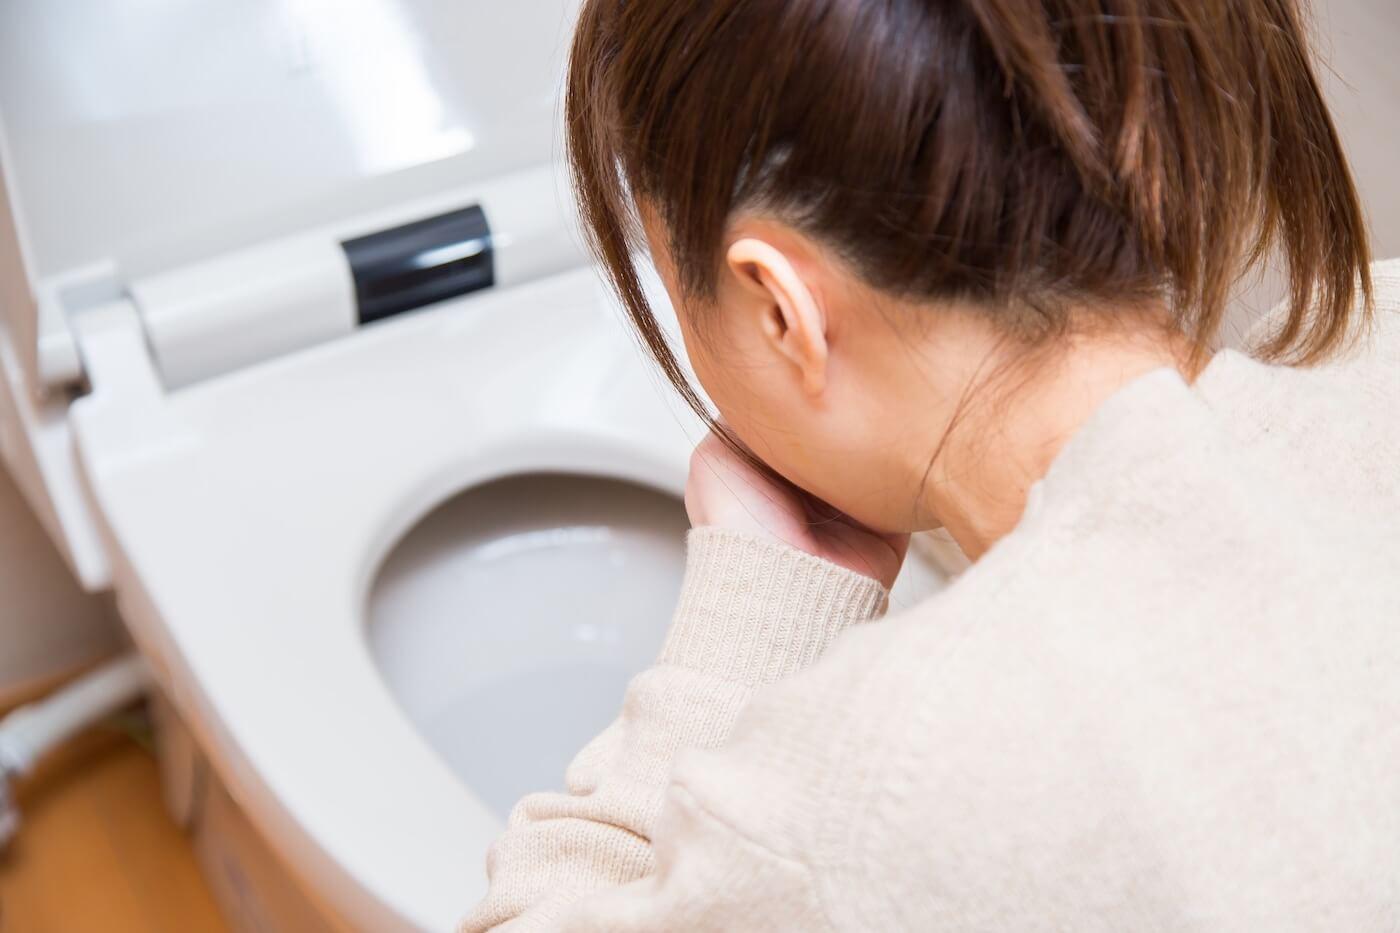 ノロウイルスの潜伏期間や症状、対策を解説【もしかしてノロ?】